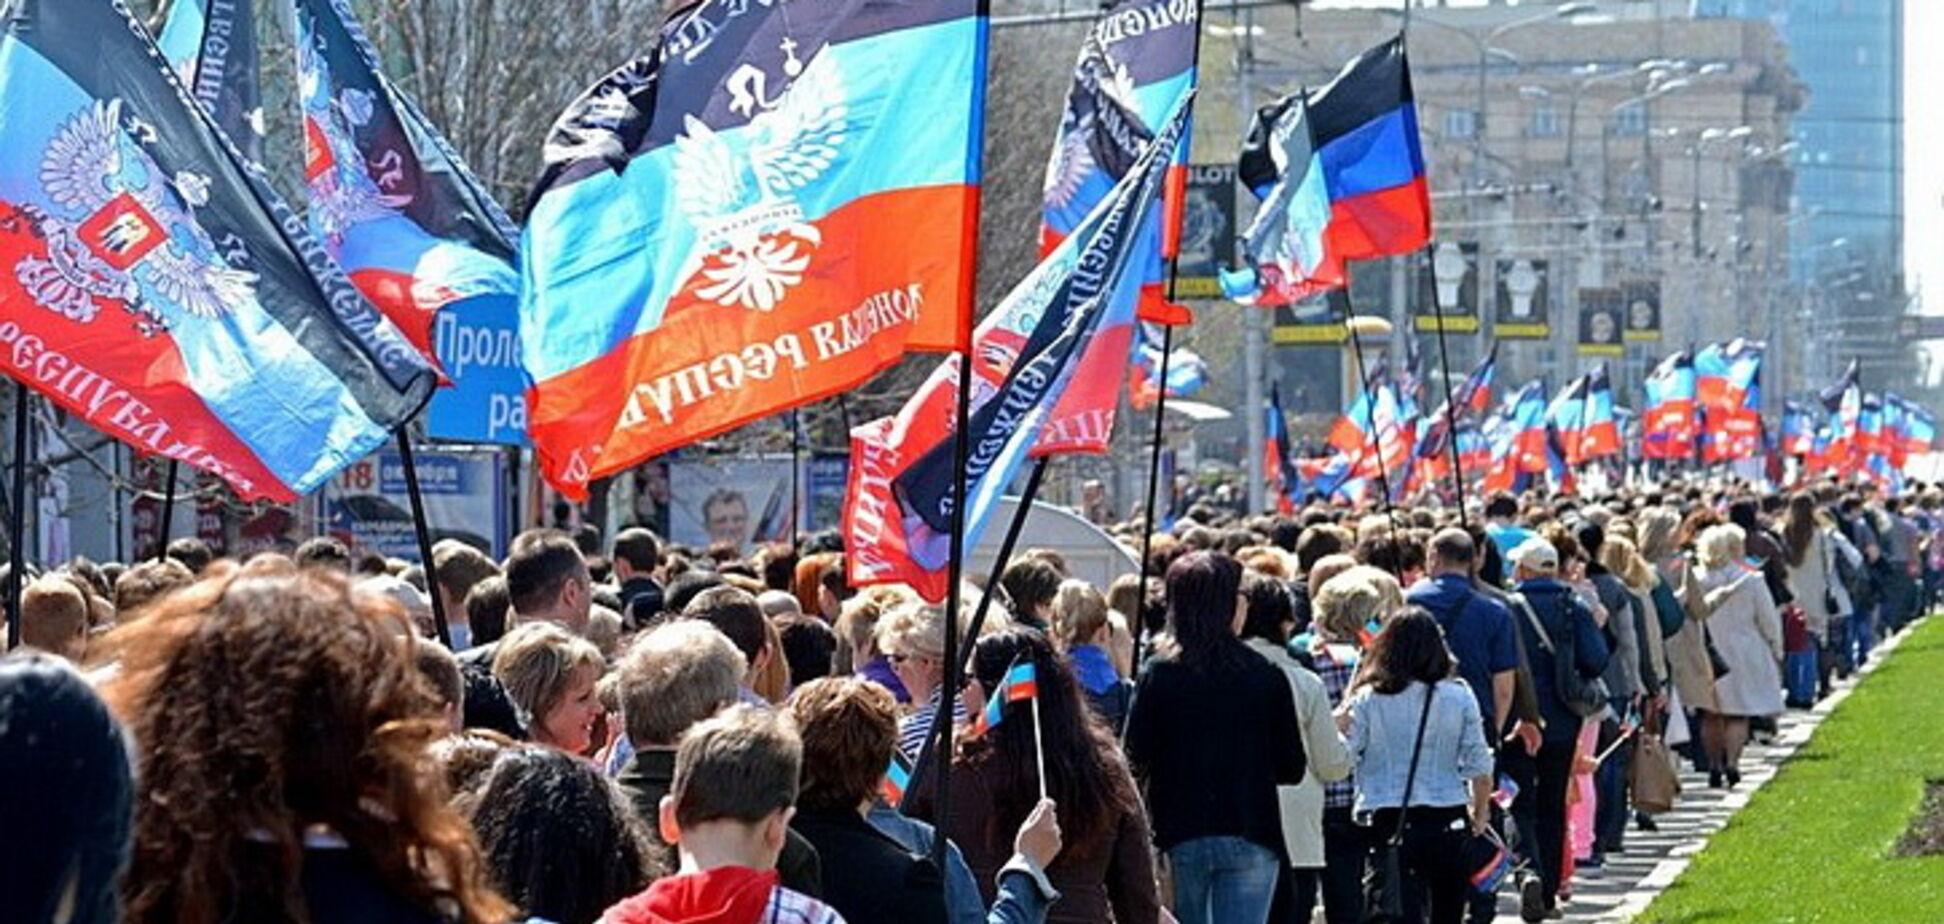 Як занепала економіка в 'Л/ДНР': показове фото